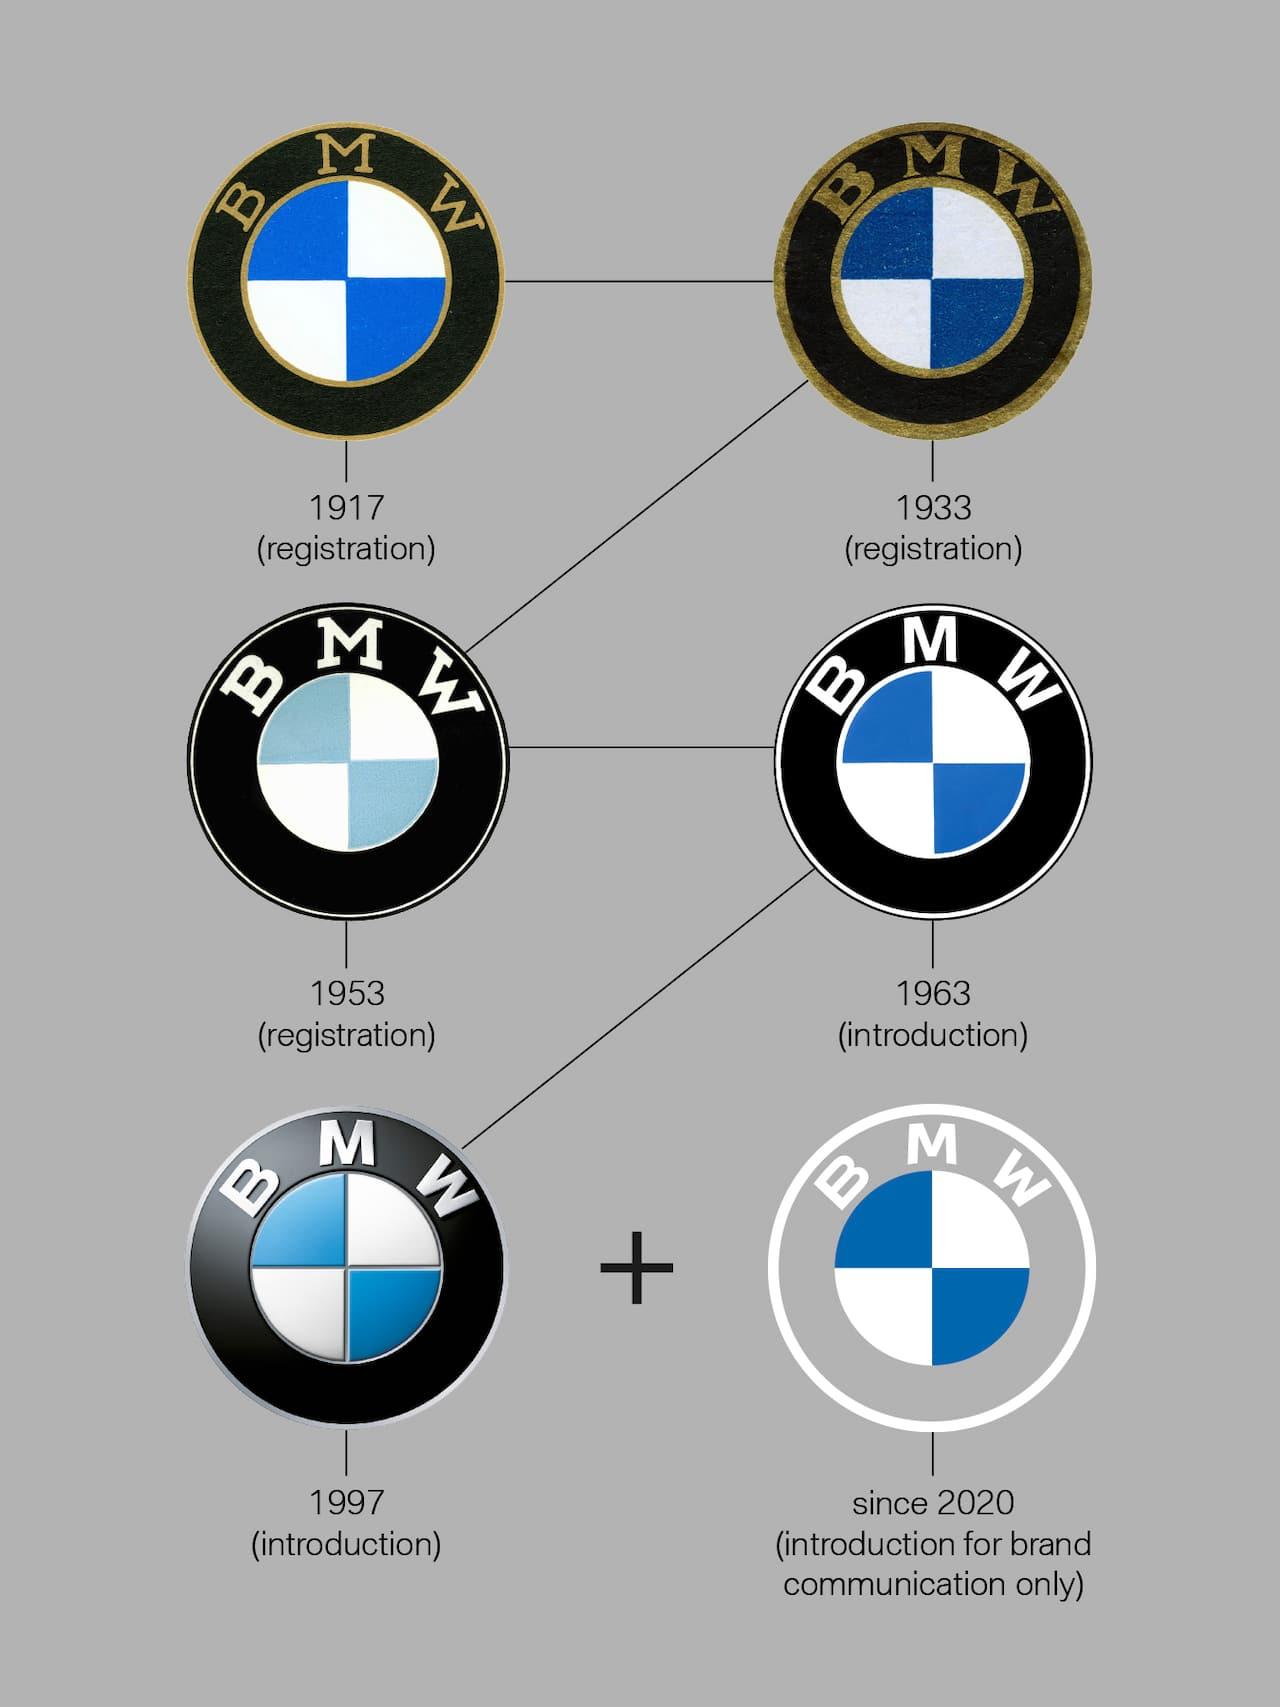 以简单到极致为追求 汽车品牌相继更换标识